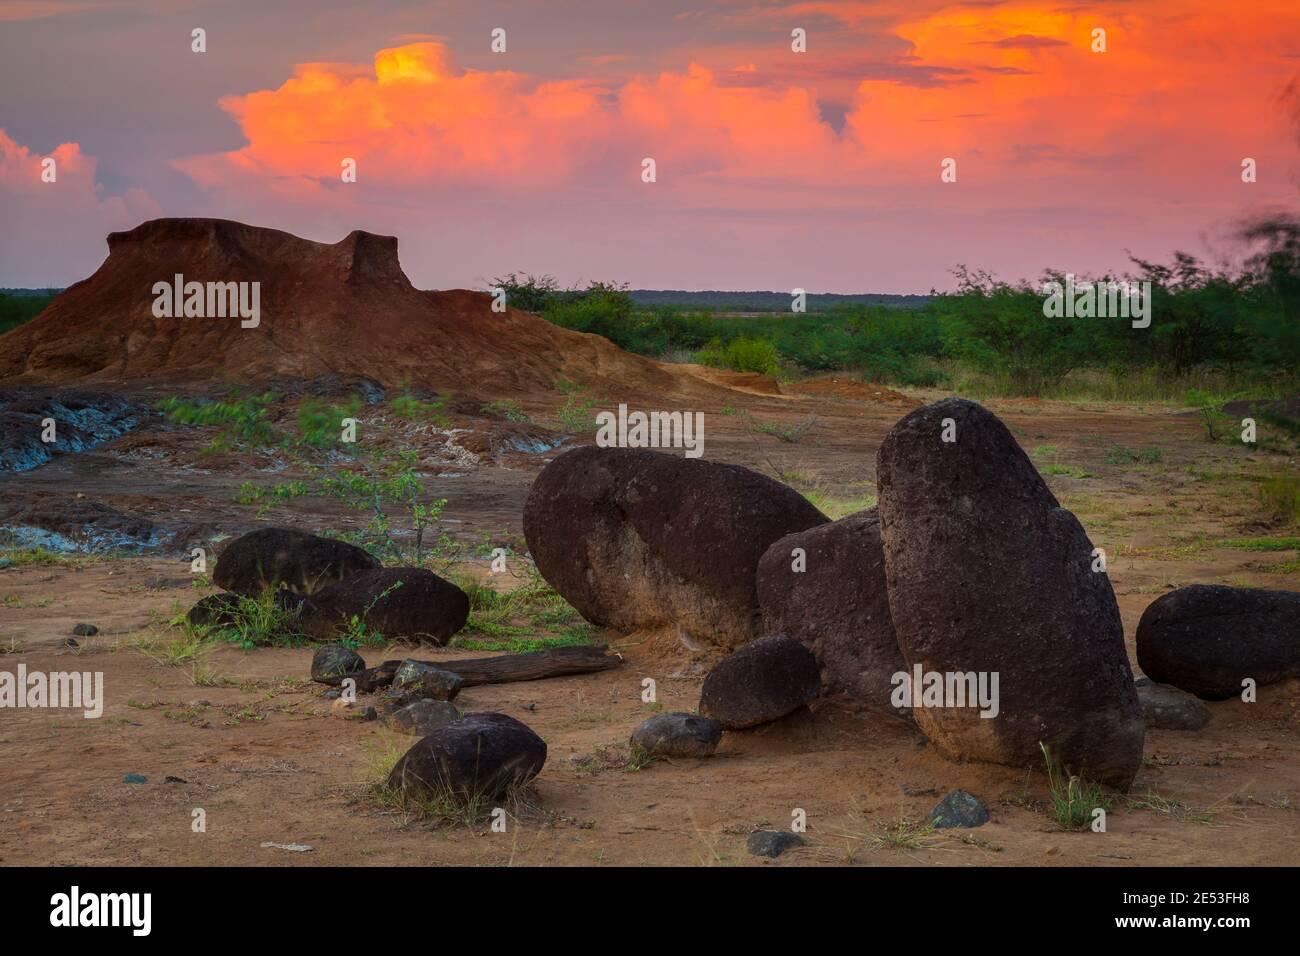 Soirée colorée dans le désert du parc national de Sarigua, province de Herrera, République du Panama. Banque D'Images